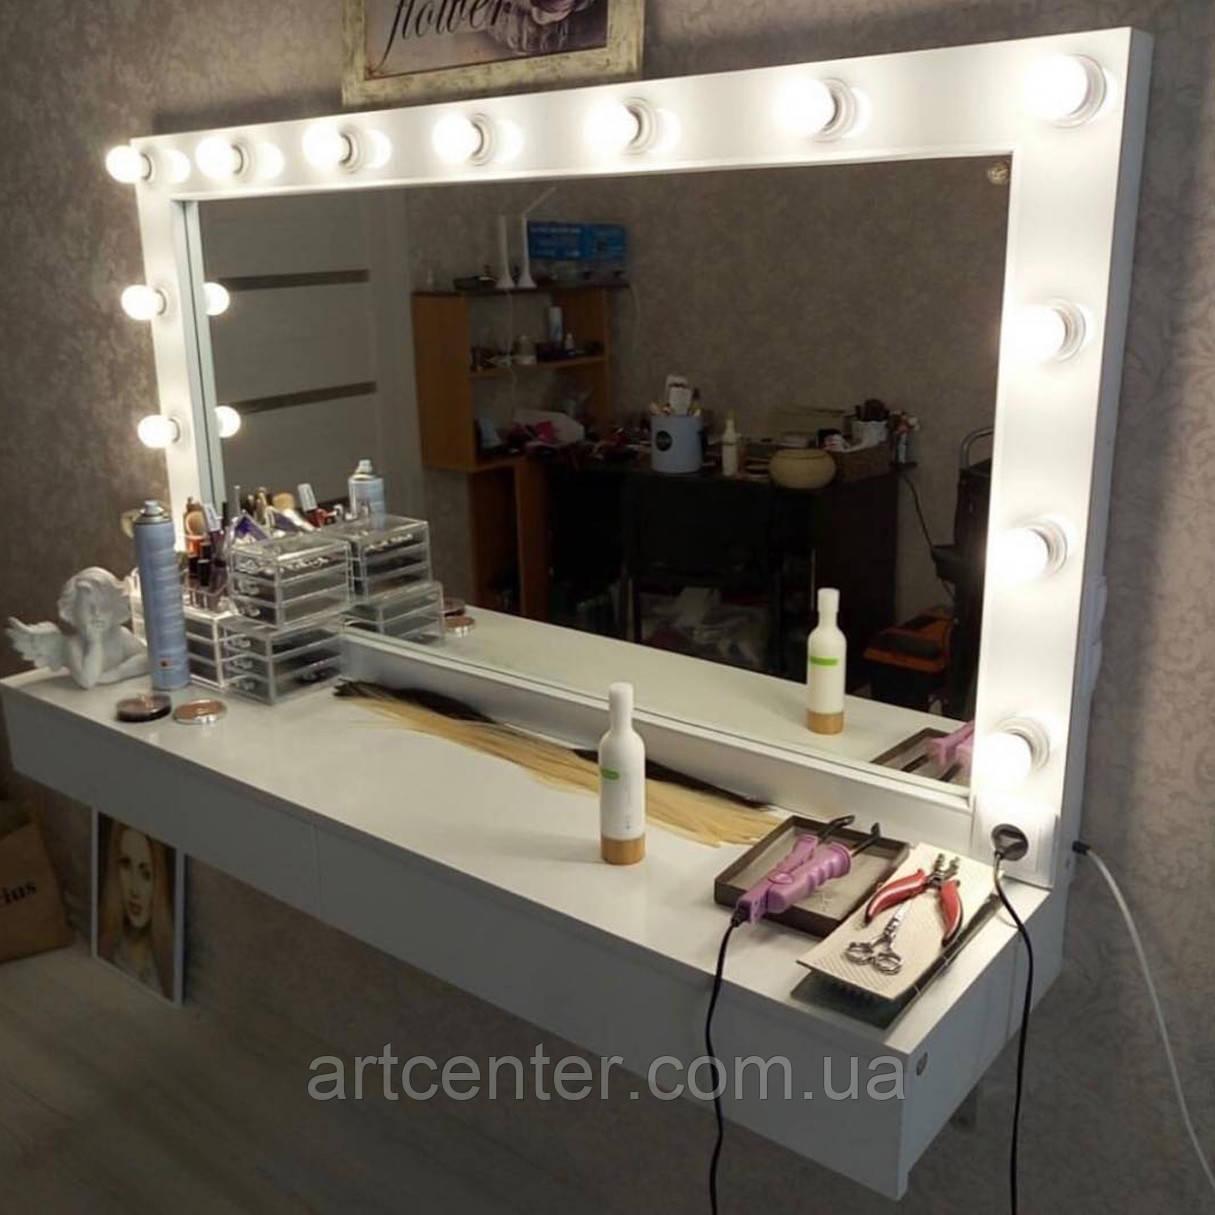 Навесной стол визажиста с большим гримерным зеркалом